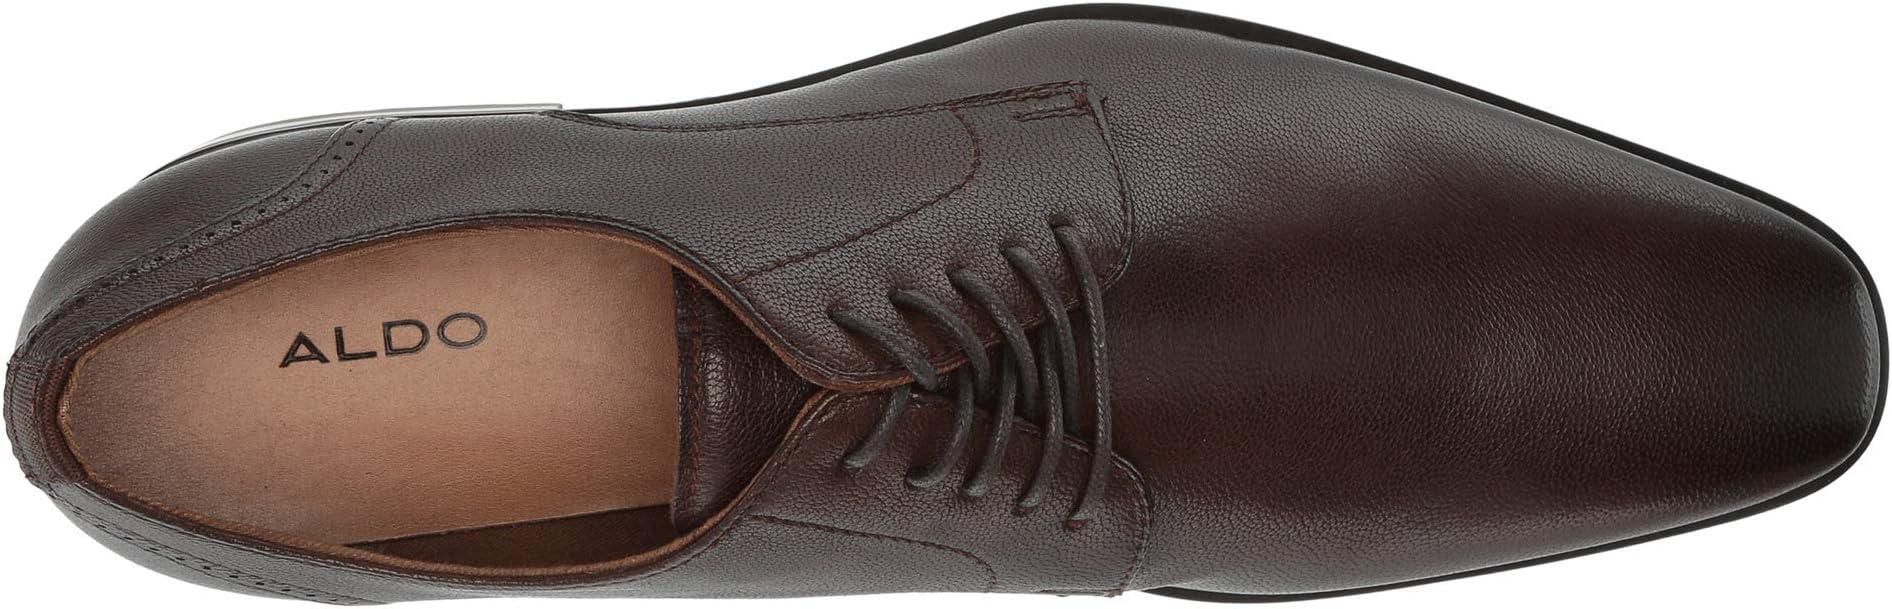 ALDO Okonedo | Men's shoes | 2020 Newest